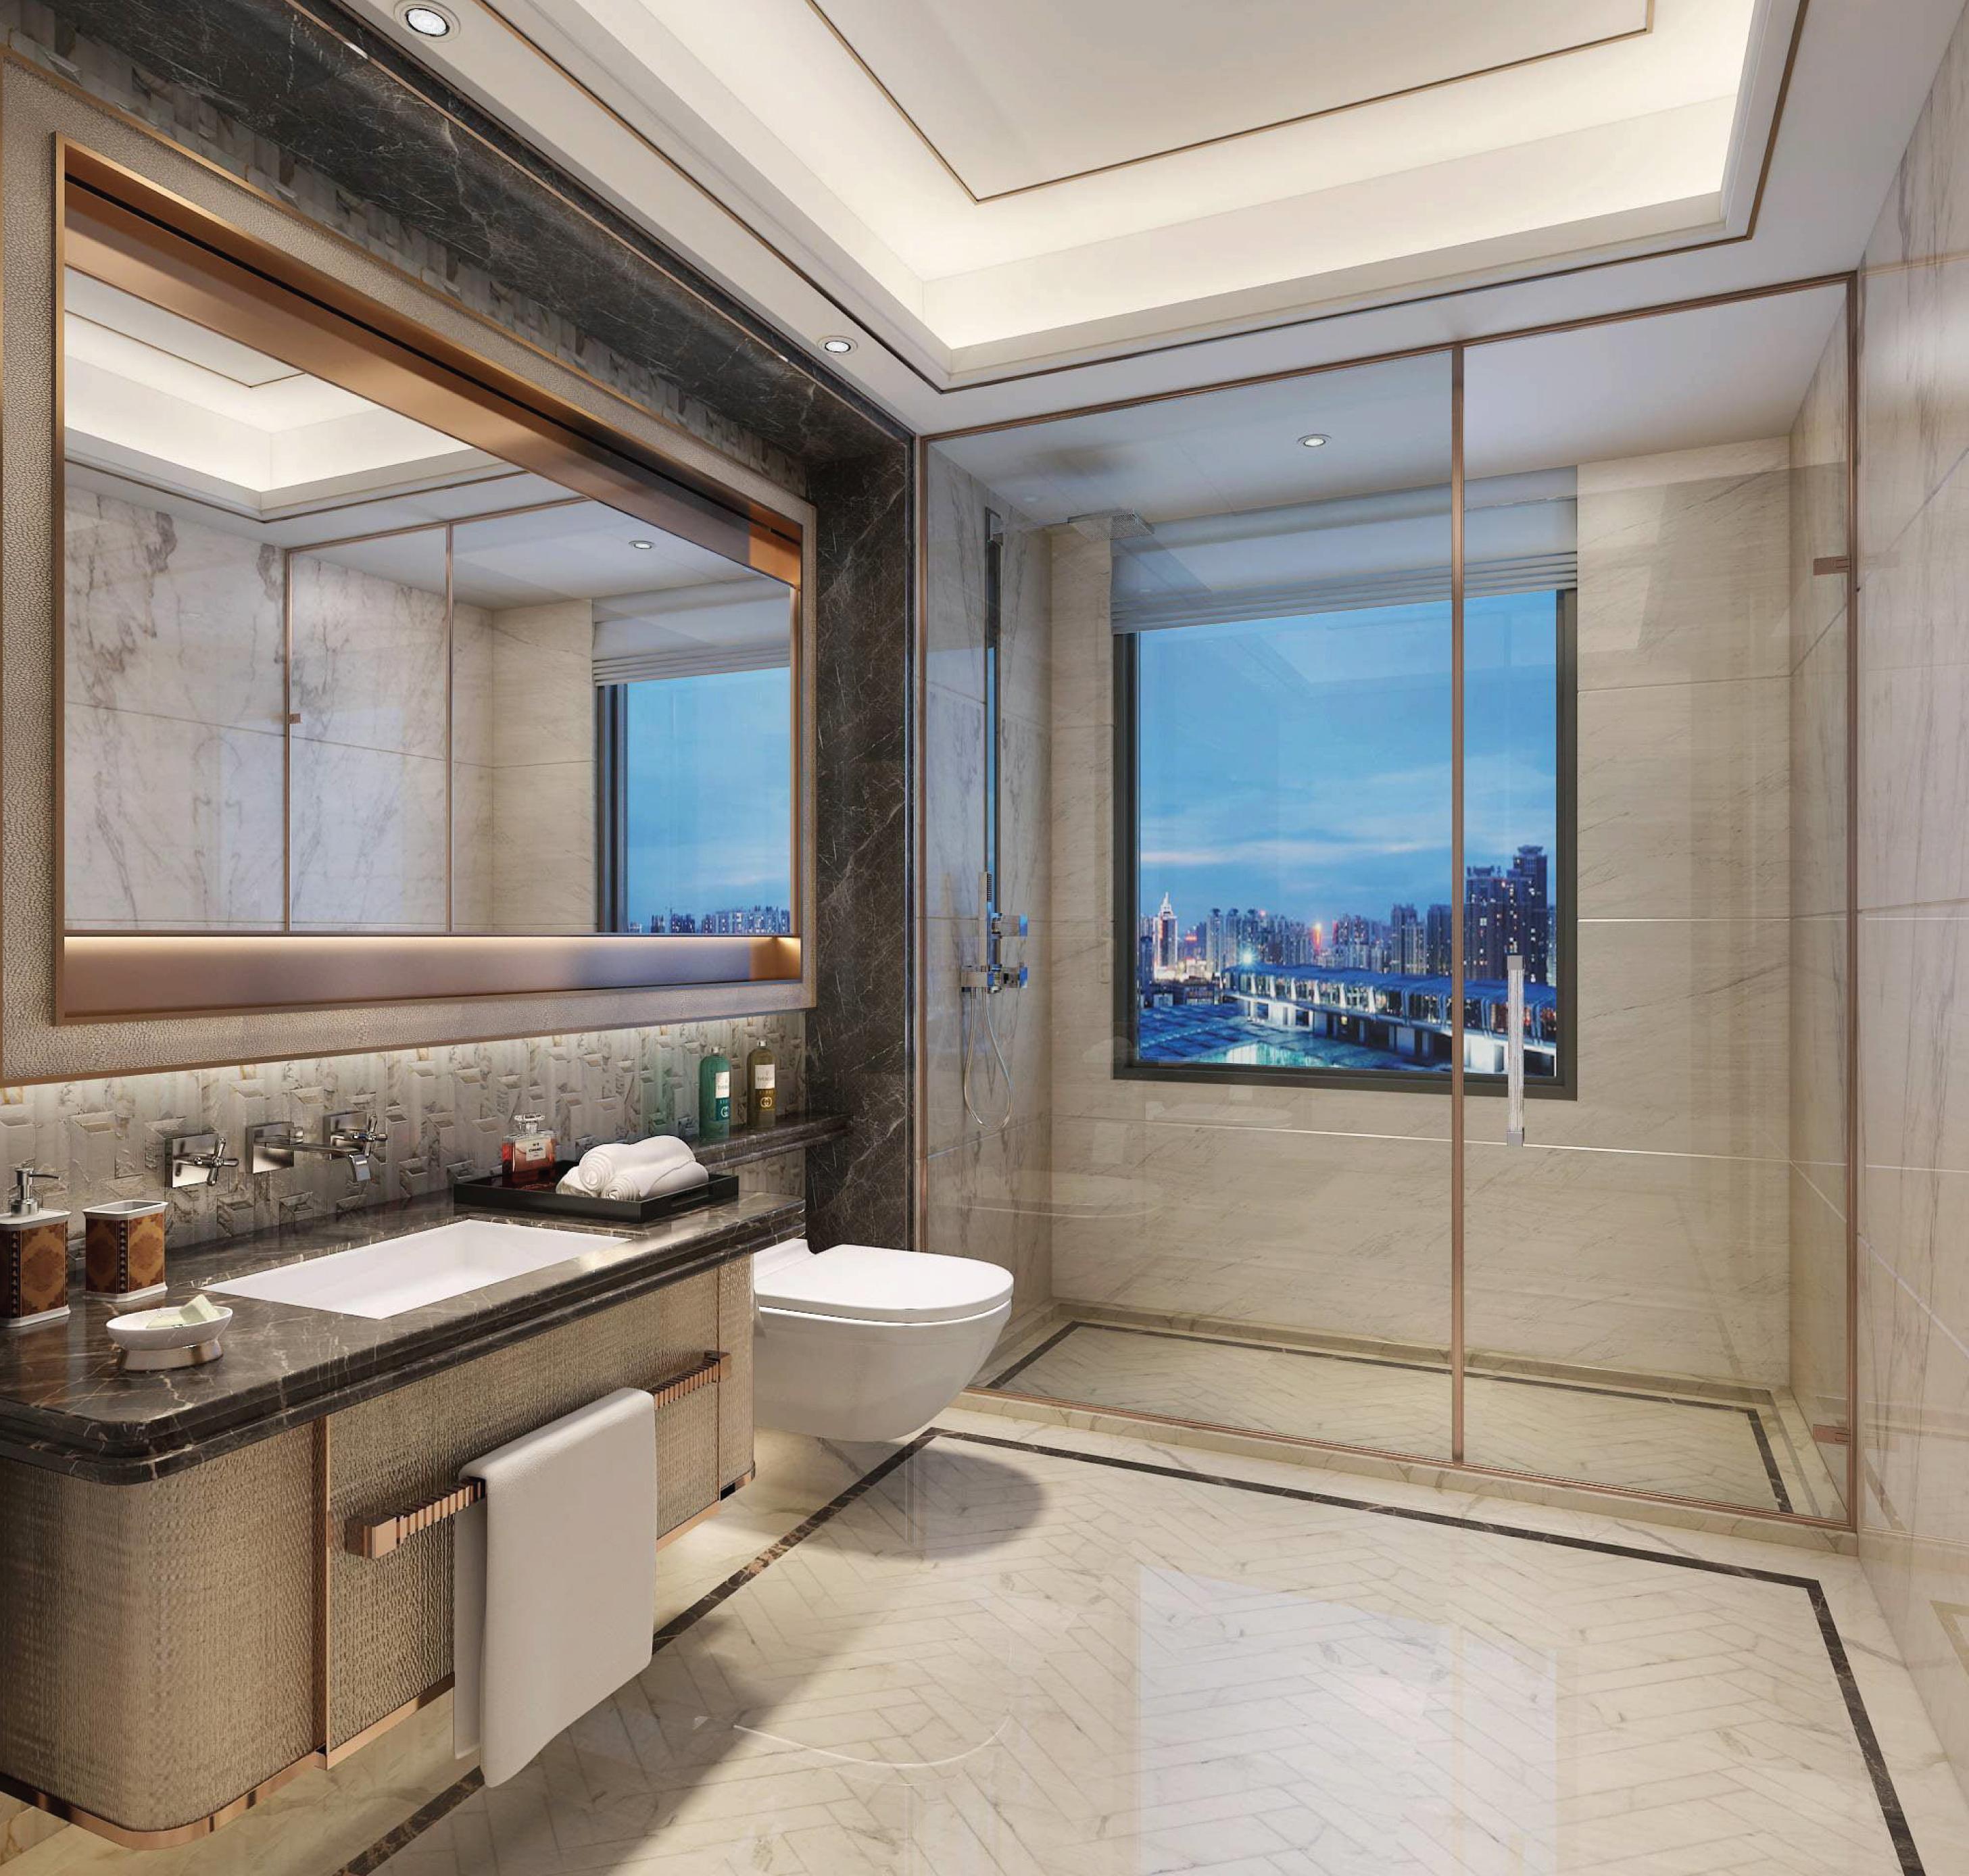 小户型卫生间_卫生间装修之如何选择洗手盆的高度和尺寸 - 知乎